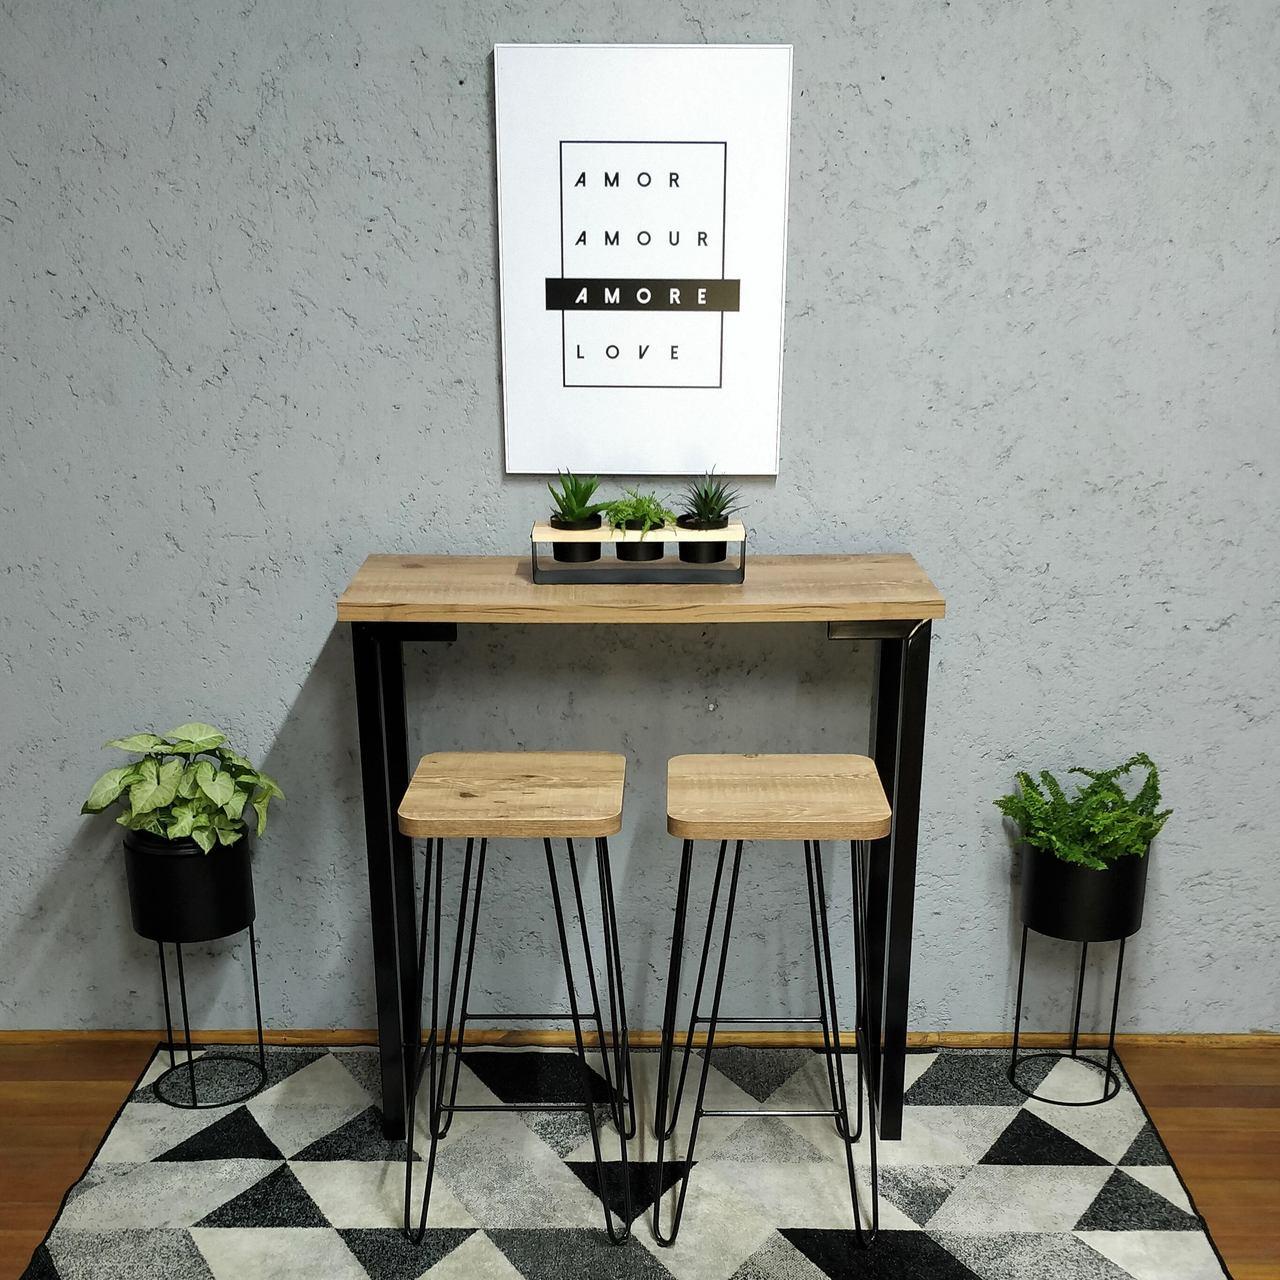 Kit de 3 Banquetas Estilo Industrial  - Mtne Store